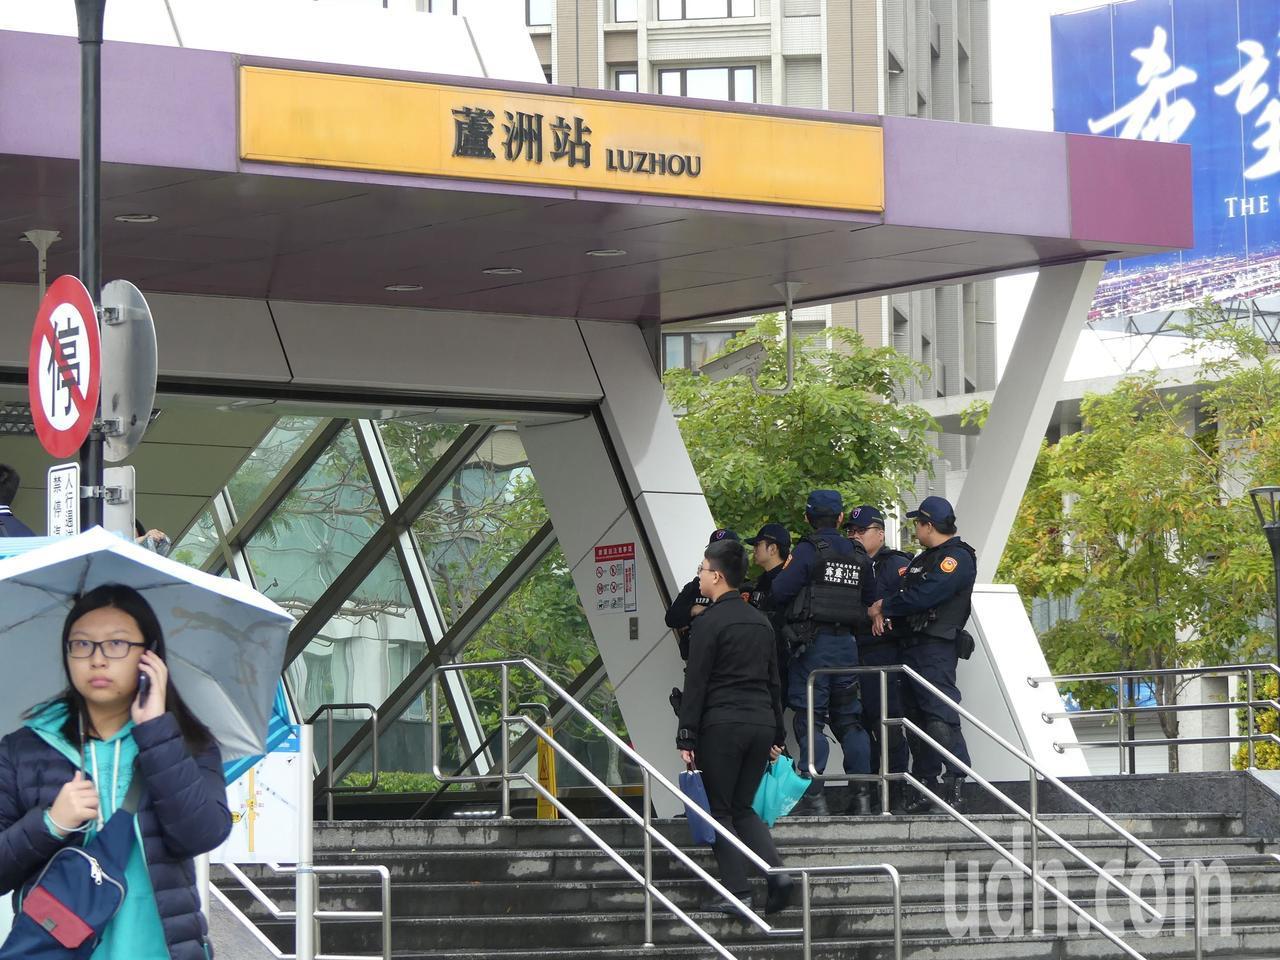 天道盟前盟主蕭澤宏今天下午在新北市蘆洲區舉行告別式,捷運站出口也有荷槍實彈霹靂小...